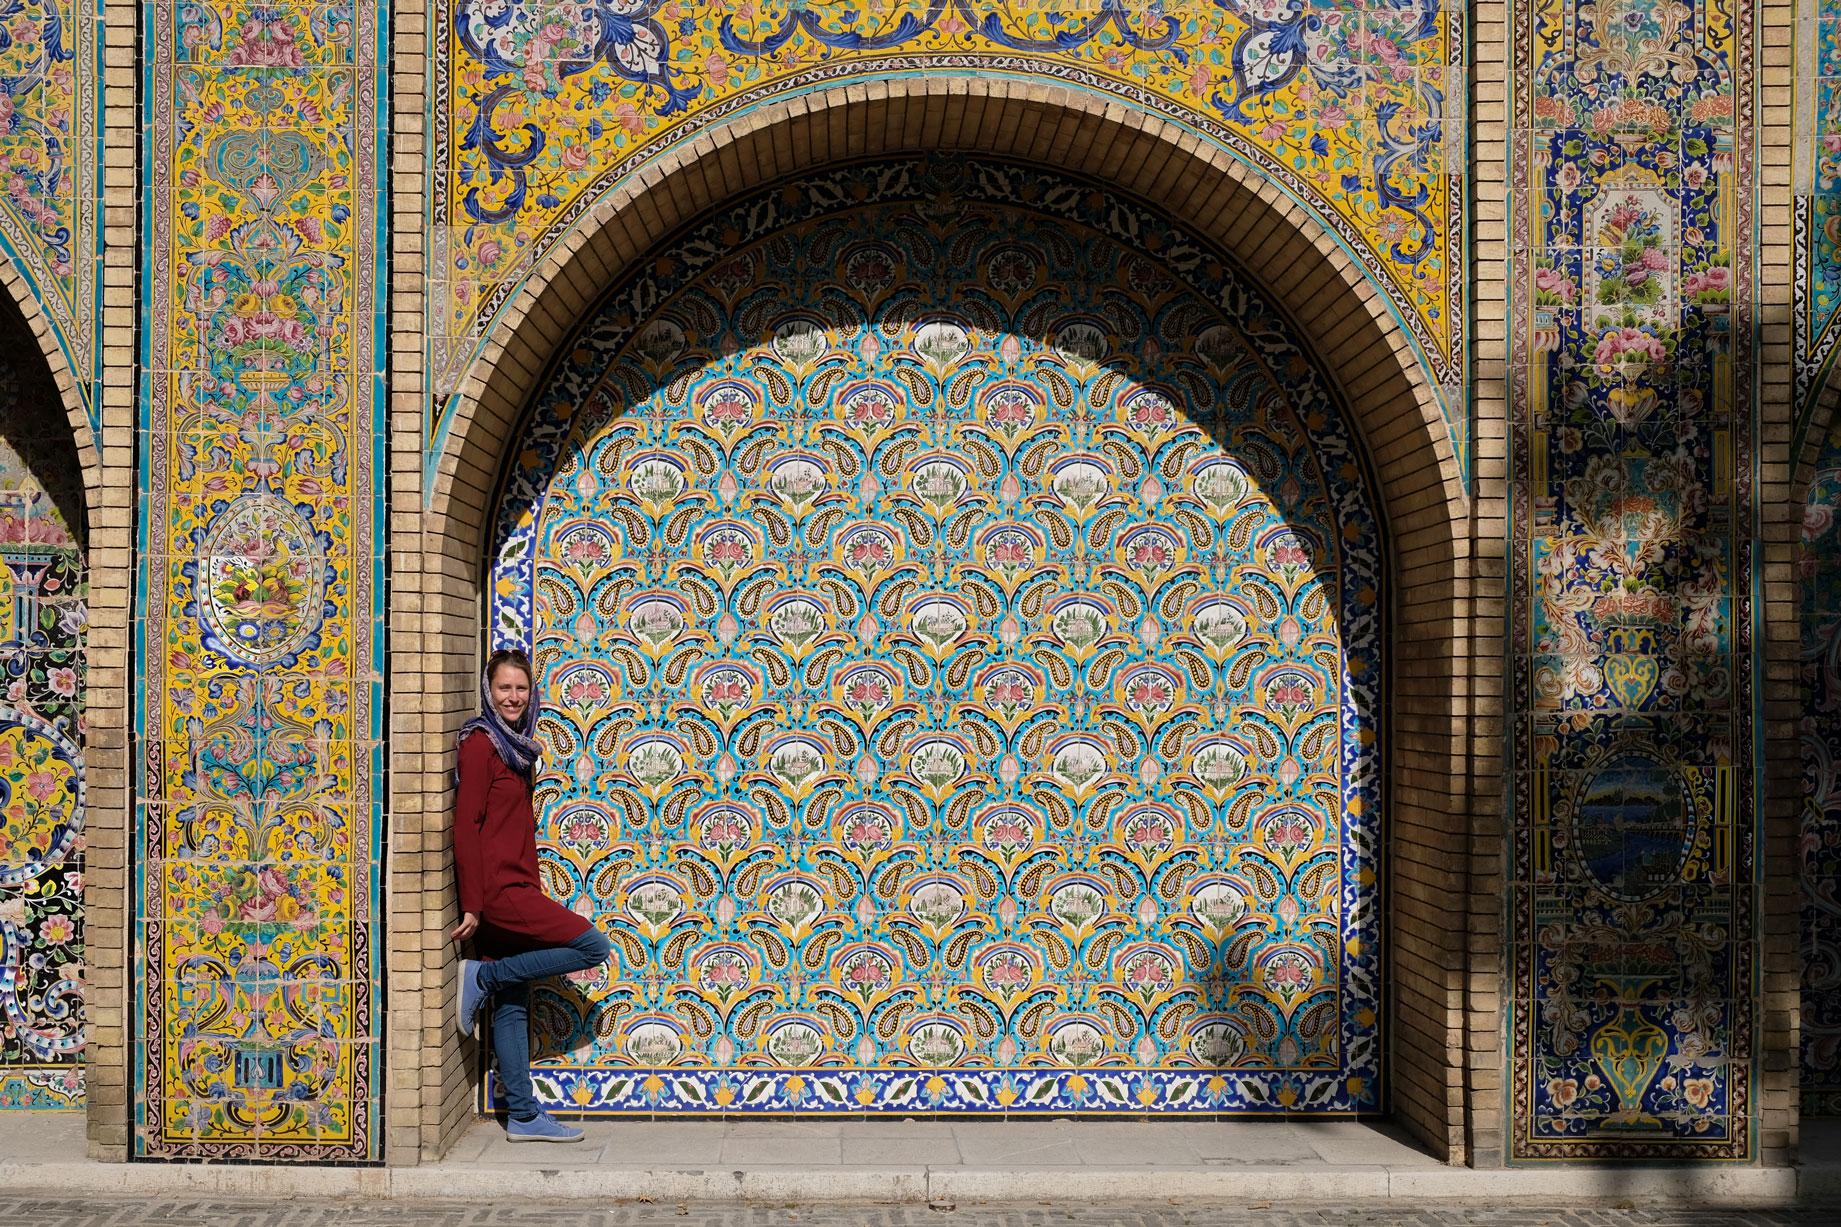 Leo vor einer Wand aus Mosaik